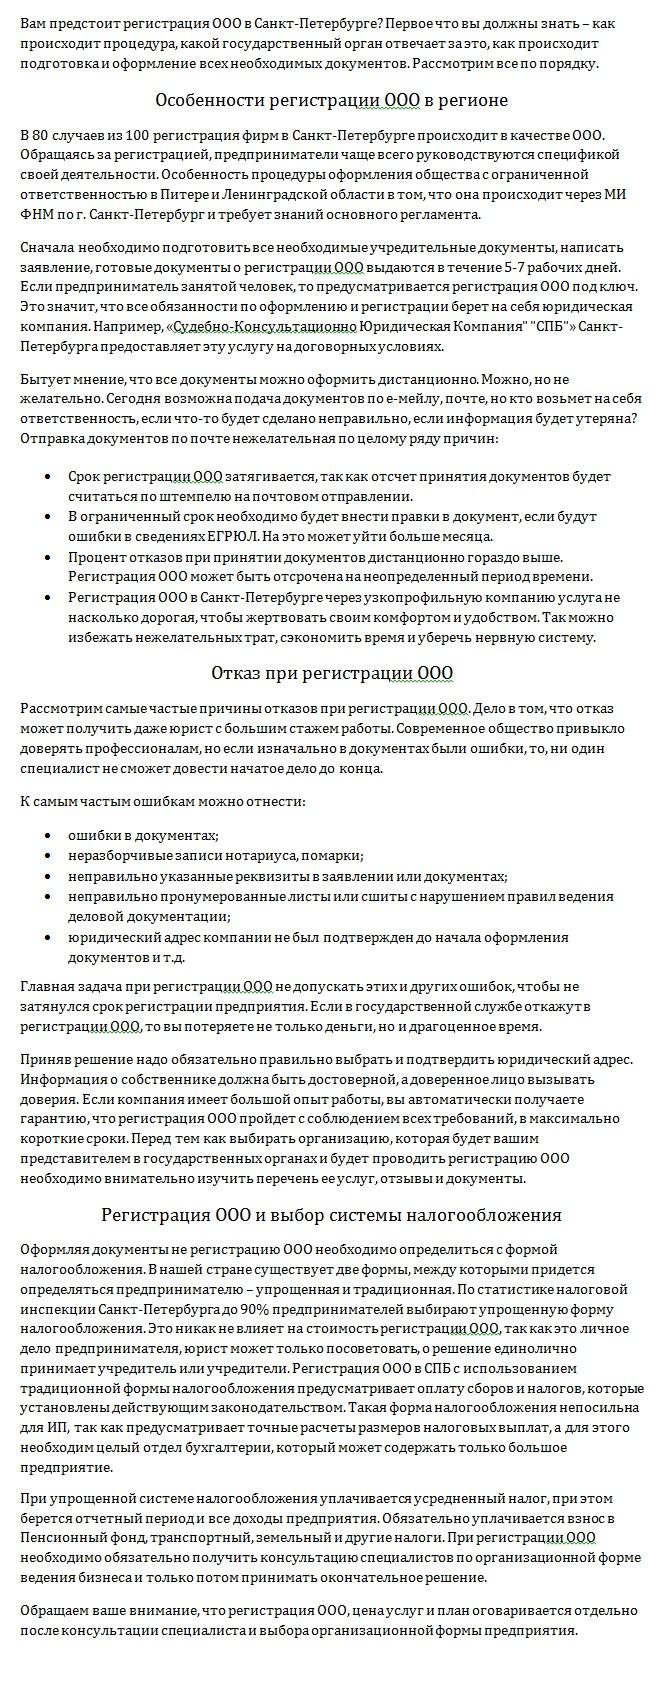 Юридические услуги. Регистрация ООО в Санкт-Петербурге